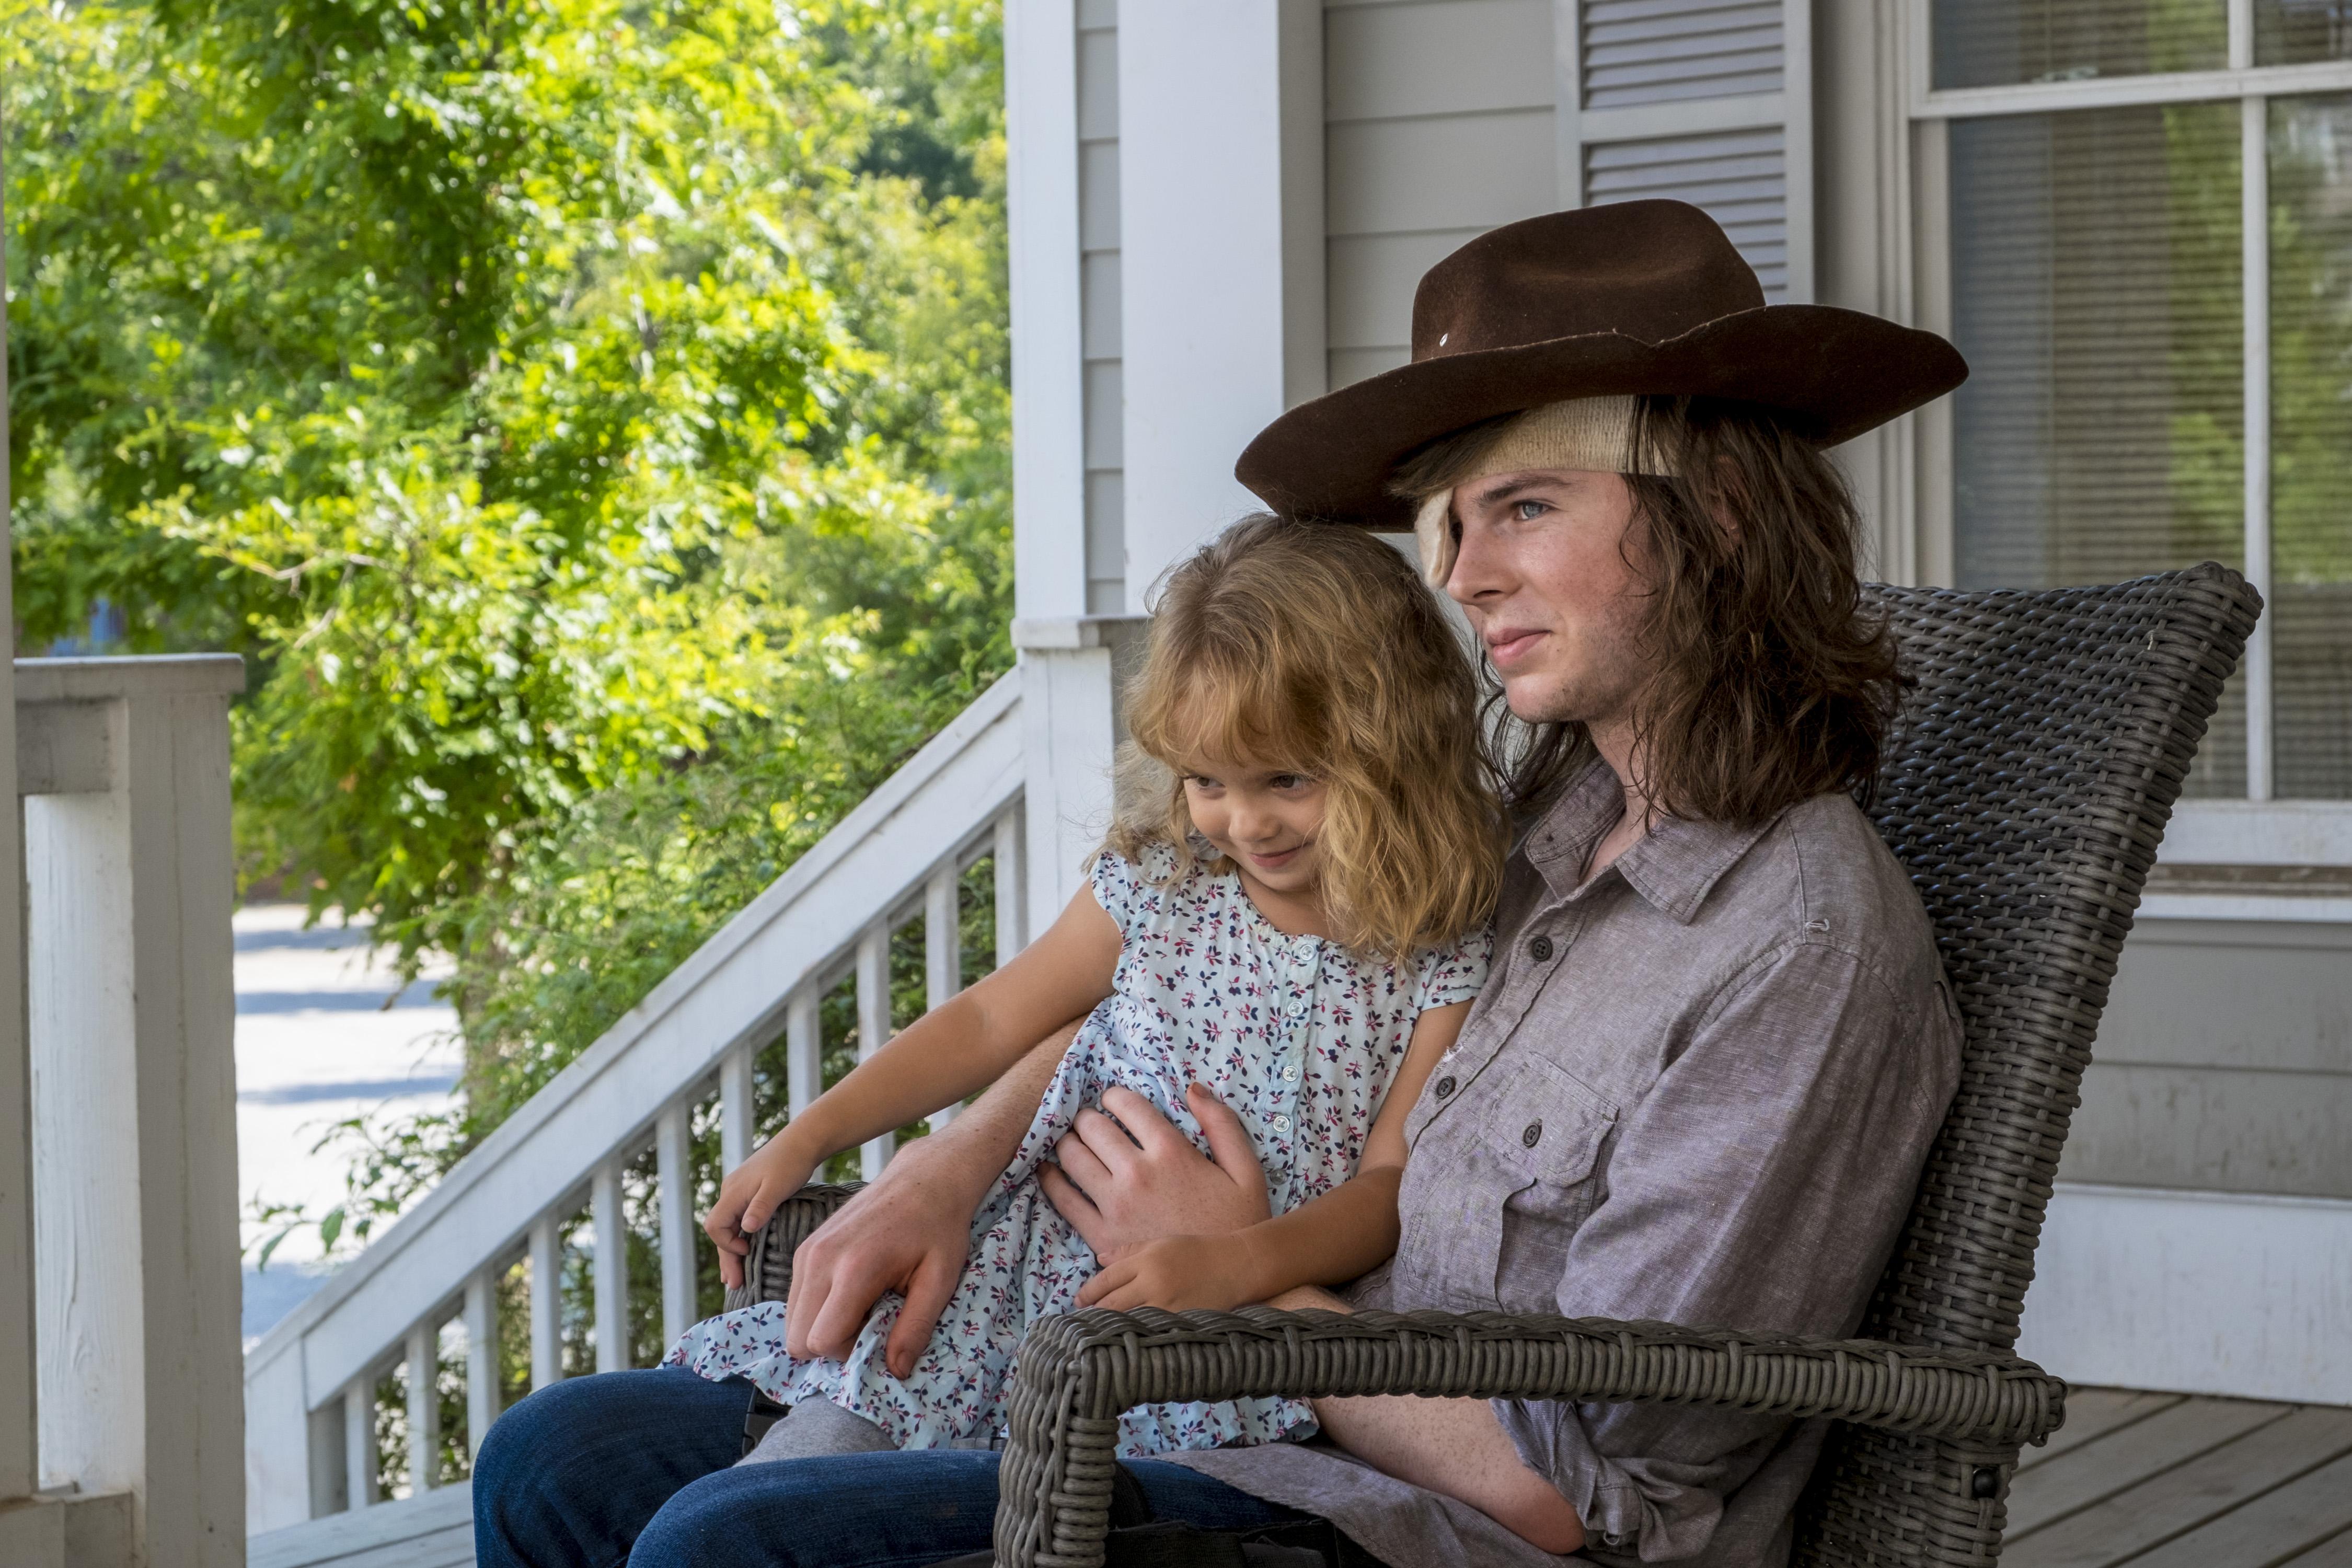 Carl Grimes (Chandler Riggs) passe de bons moments avec sa soeur Judith - The Walking Dead - Saison 8, Épisode 9 - Crédit photo: Gene Page/AMC